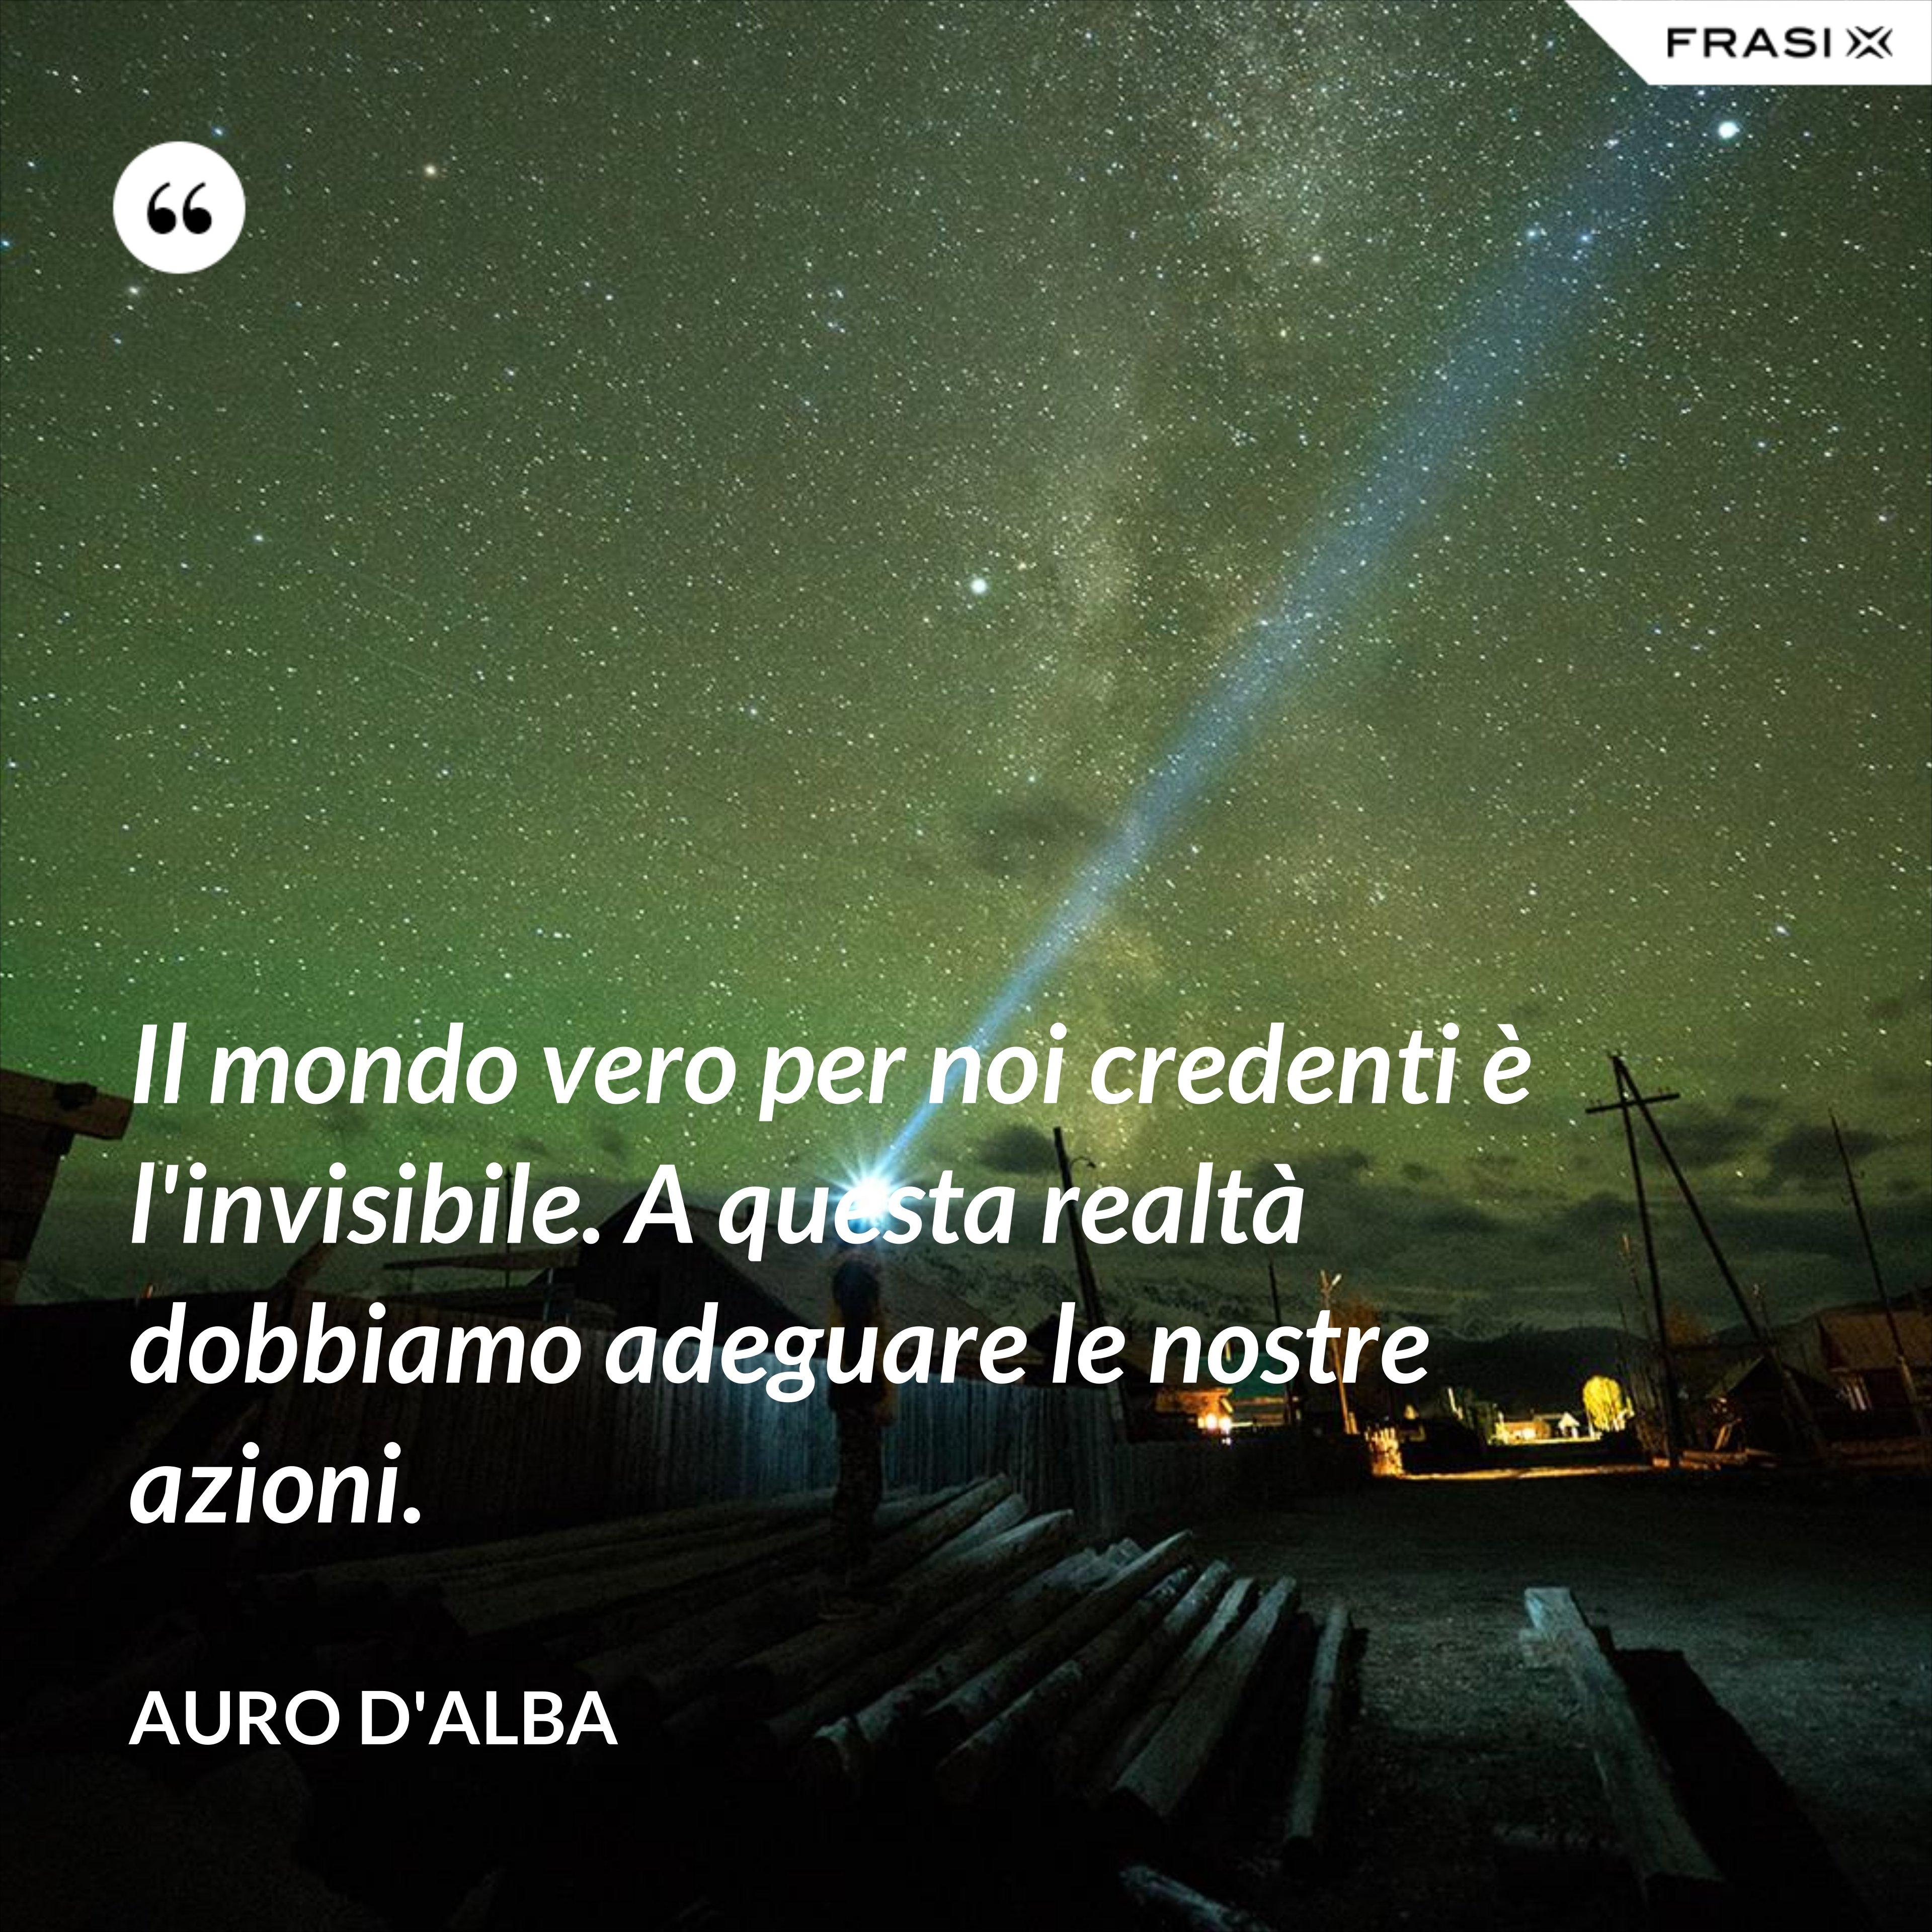 Il mondo vero per noi credenti è l'invisibile. A questa realtà dobbiamo adeguare le nostre azioni. - Auro D'Alba